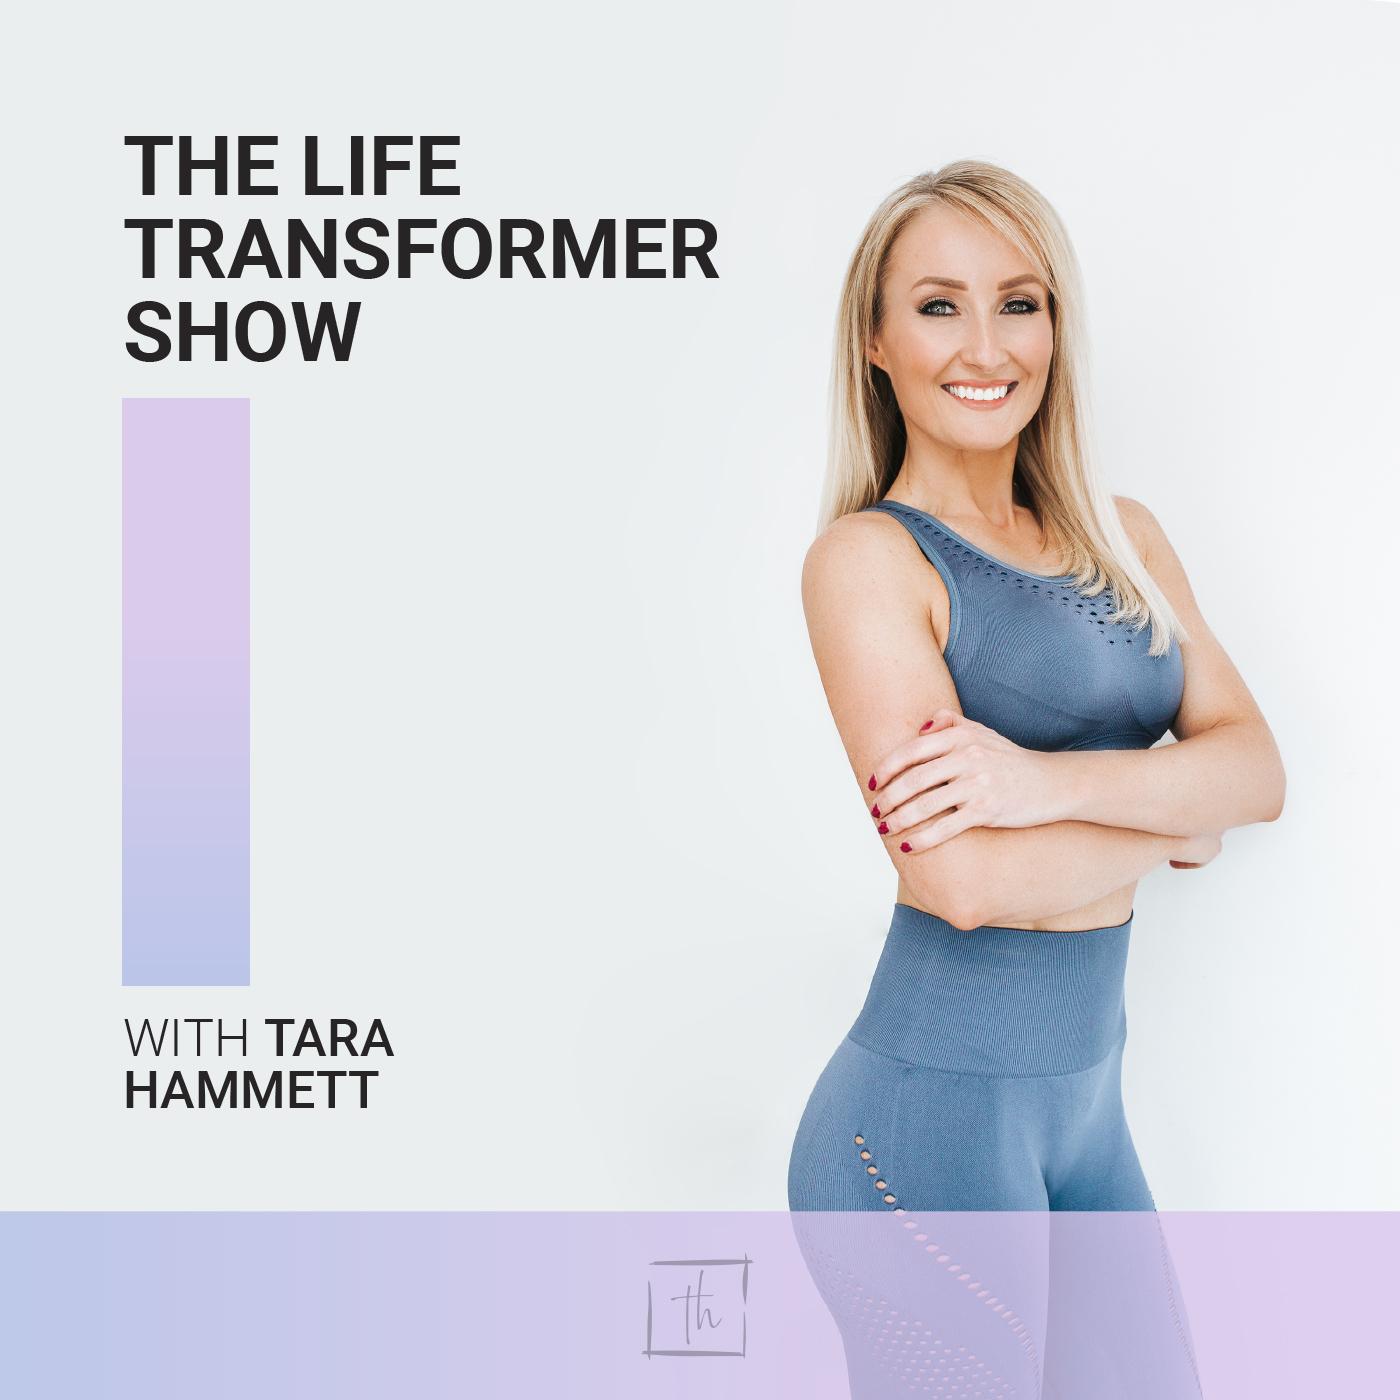 The Life Transformer Show podcast show image